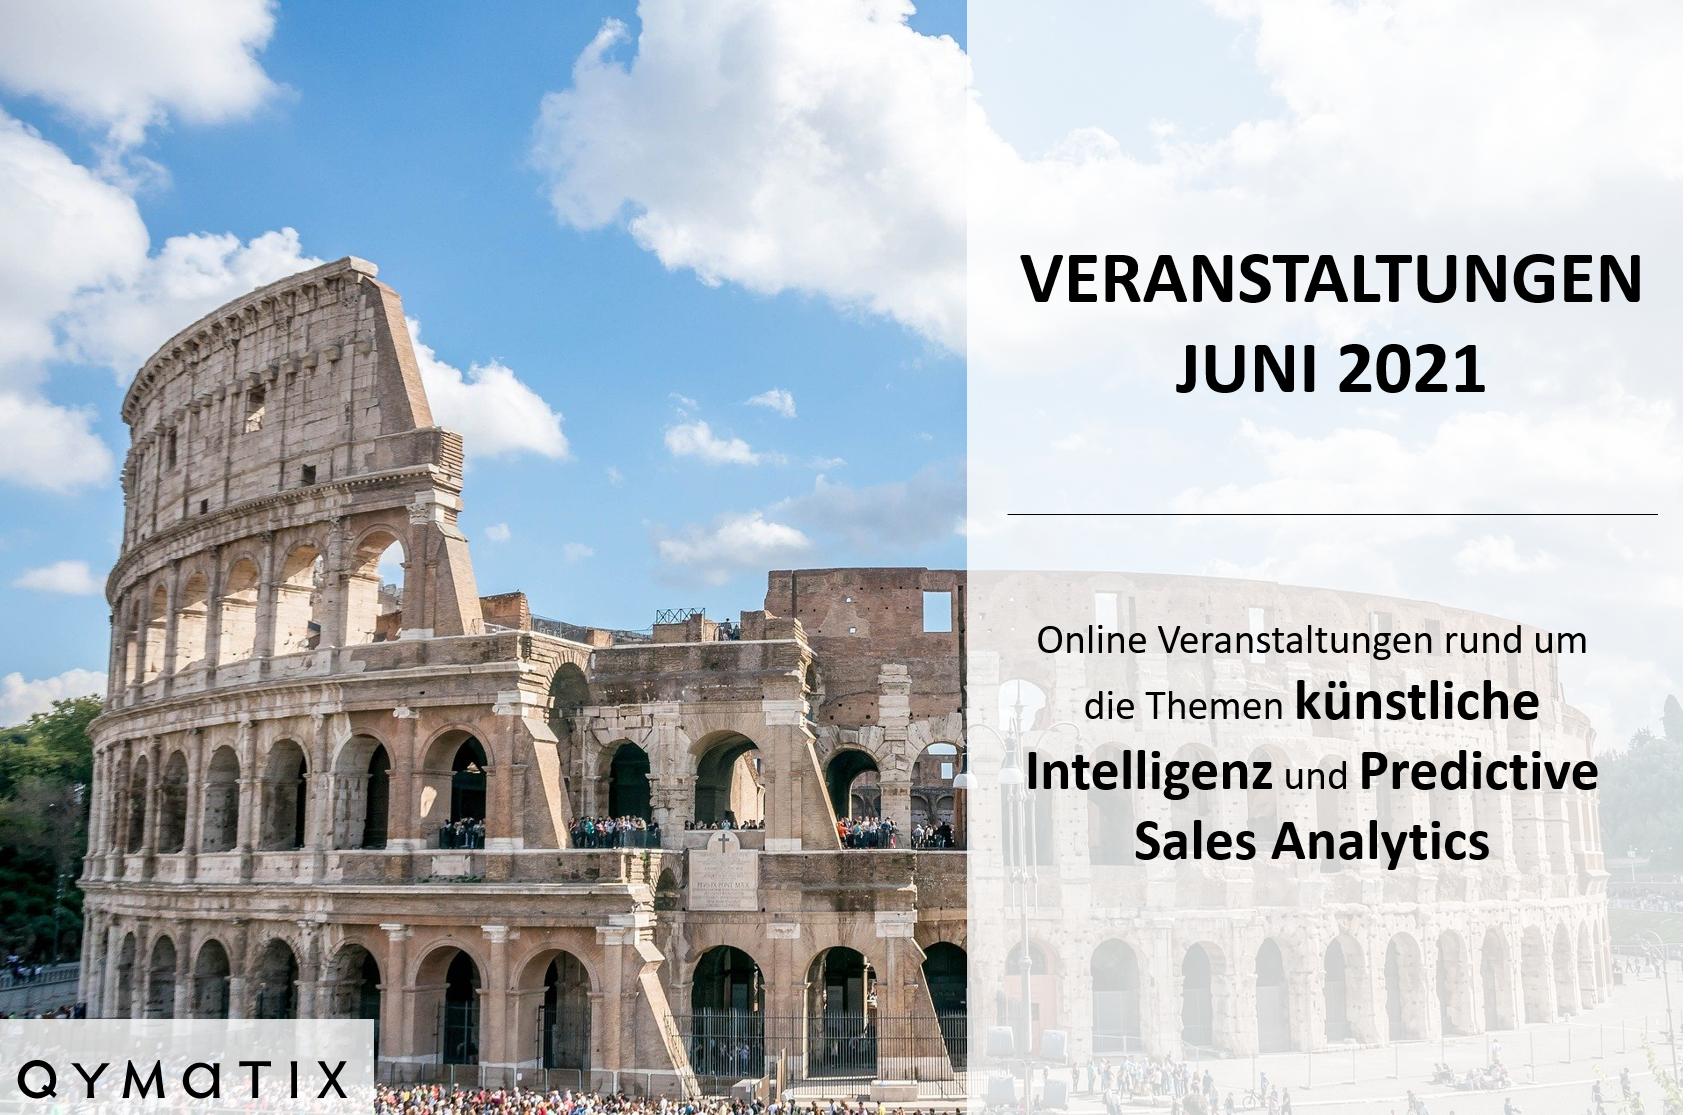 Online Veranstaltungen KI und Predictive Analytics